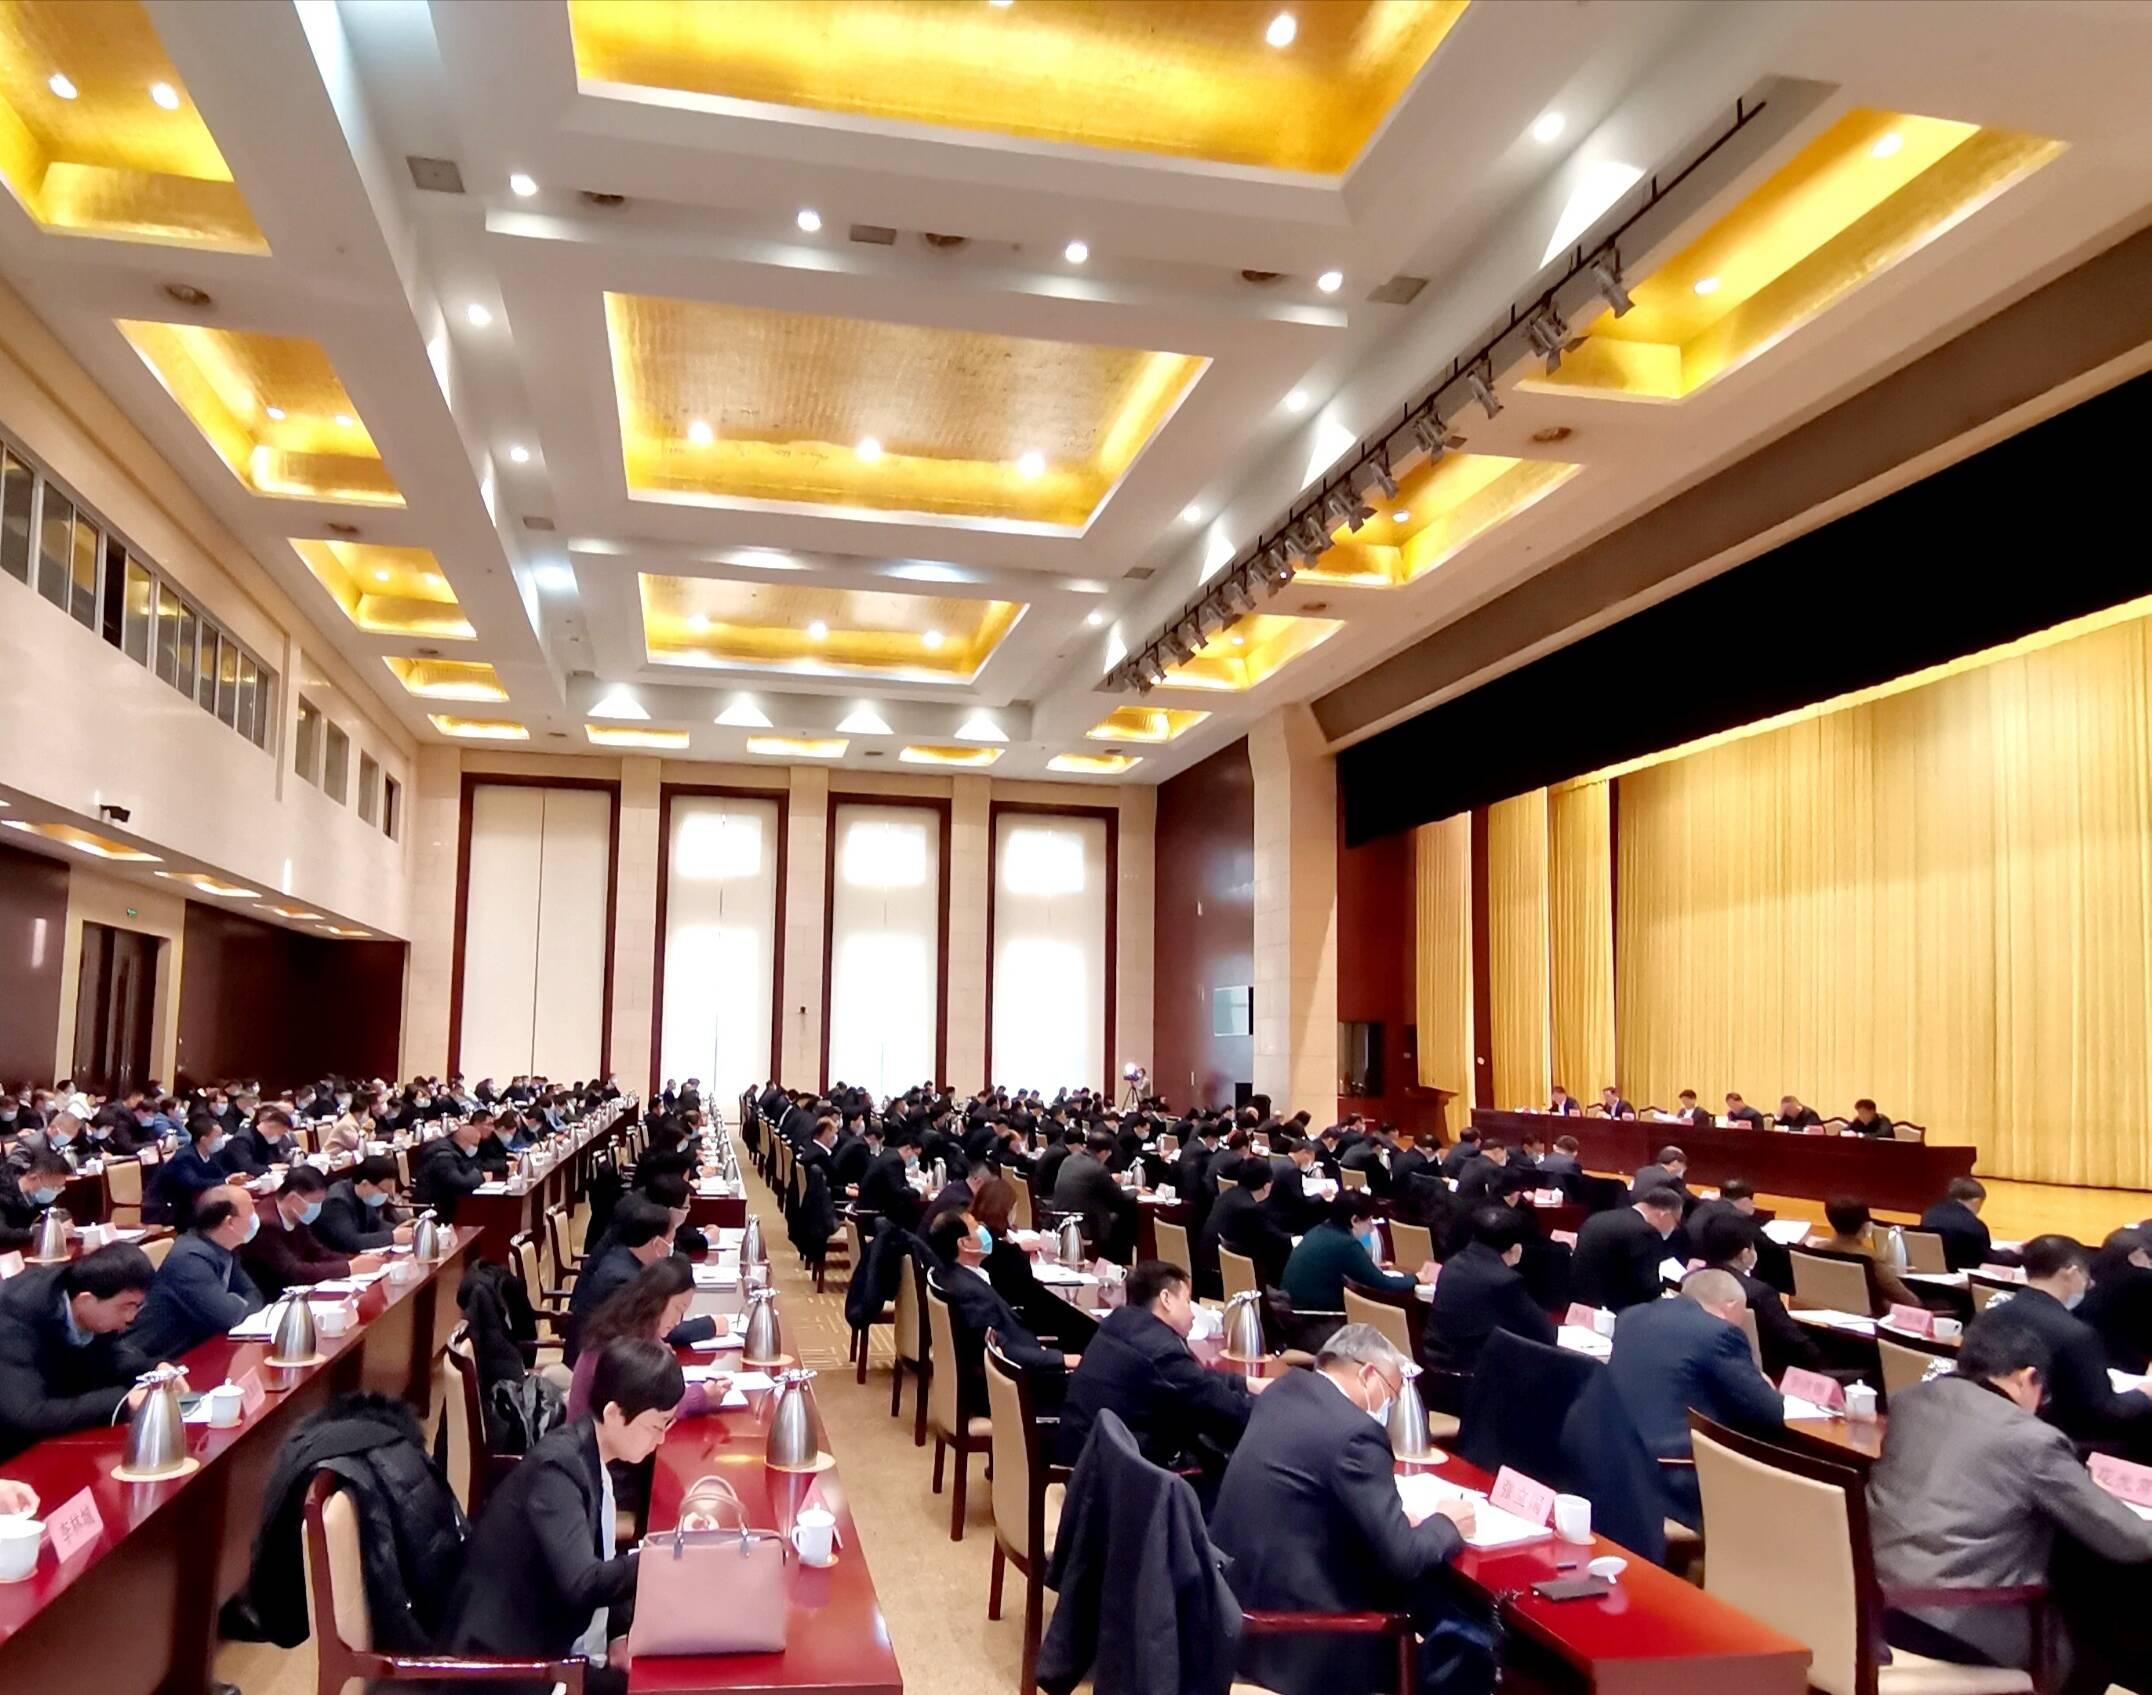 淄博市事业单位改革试点工作进入全面实施阶段